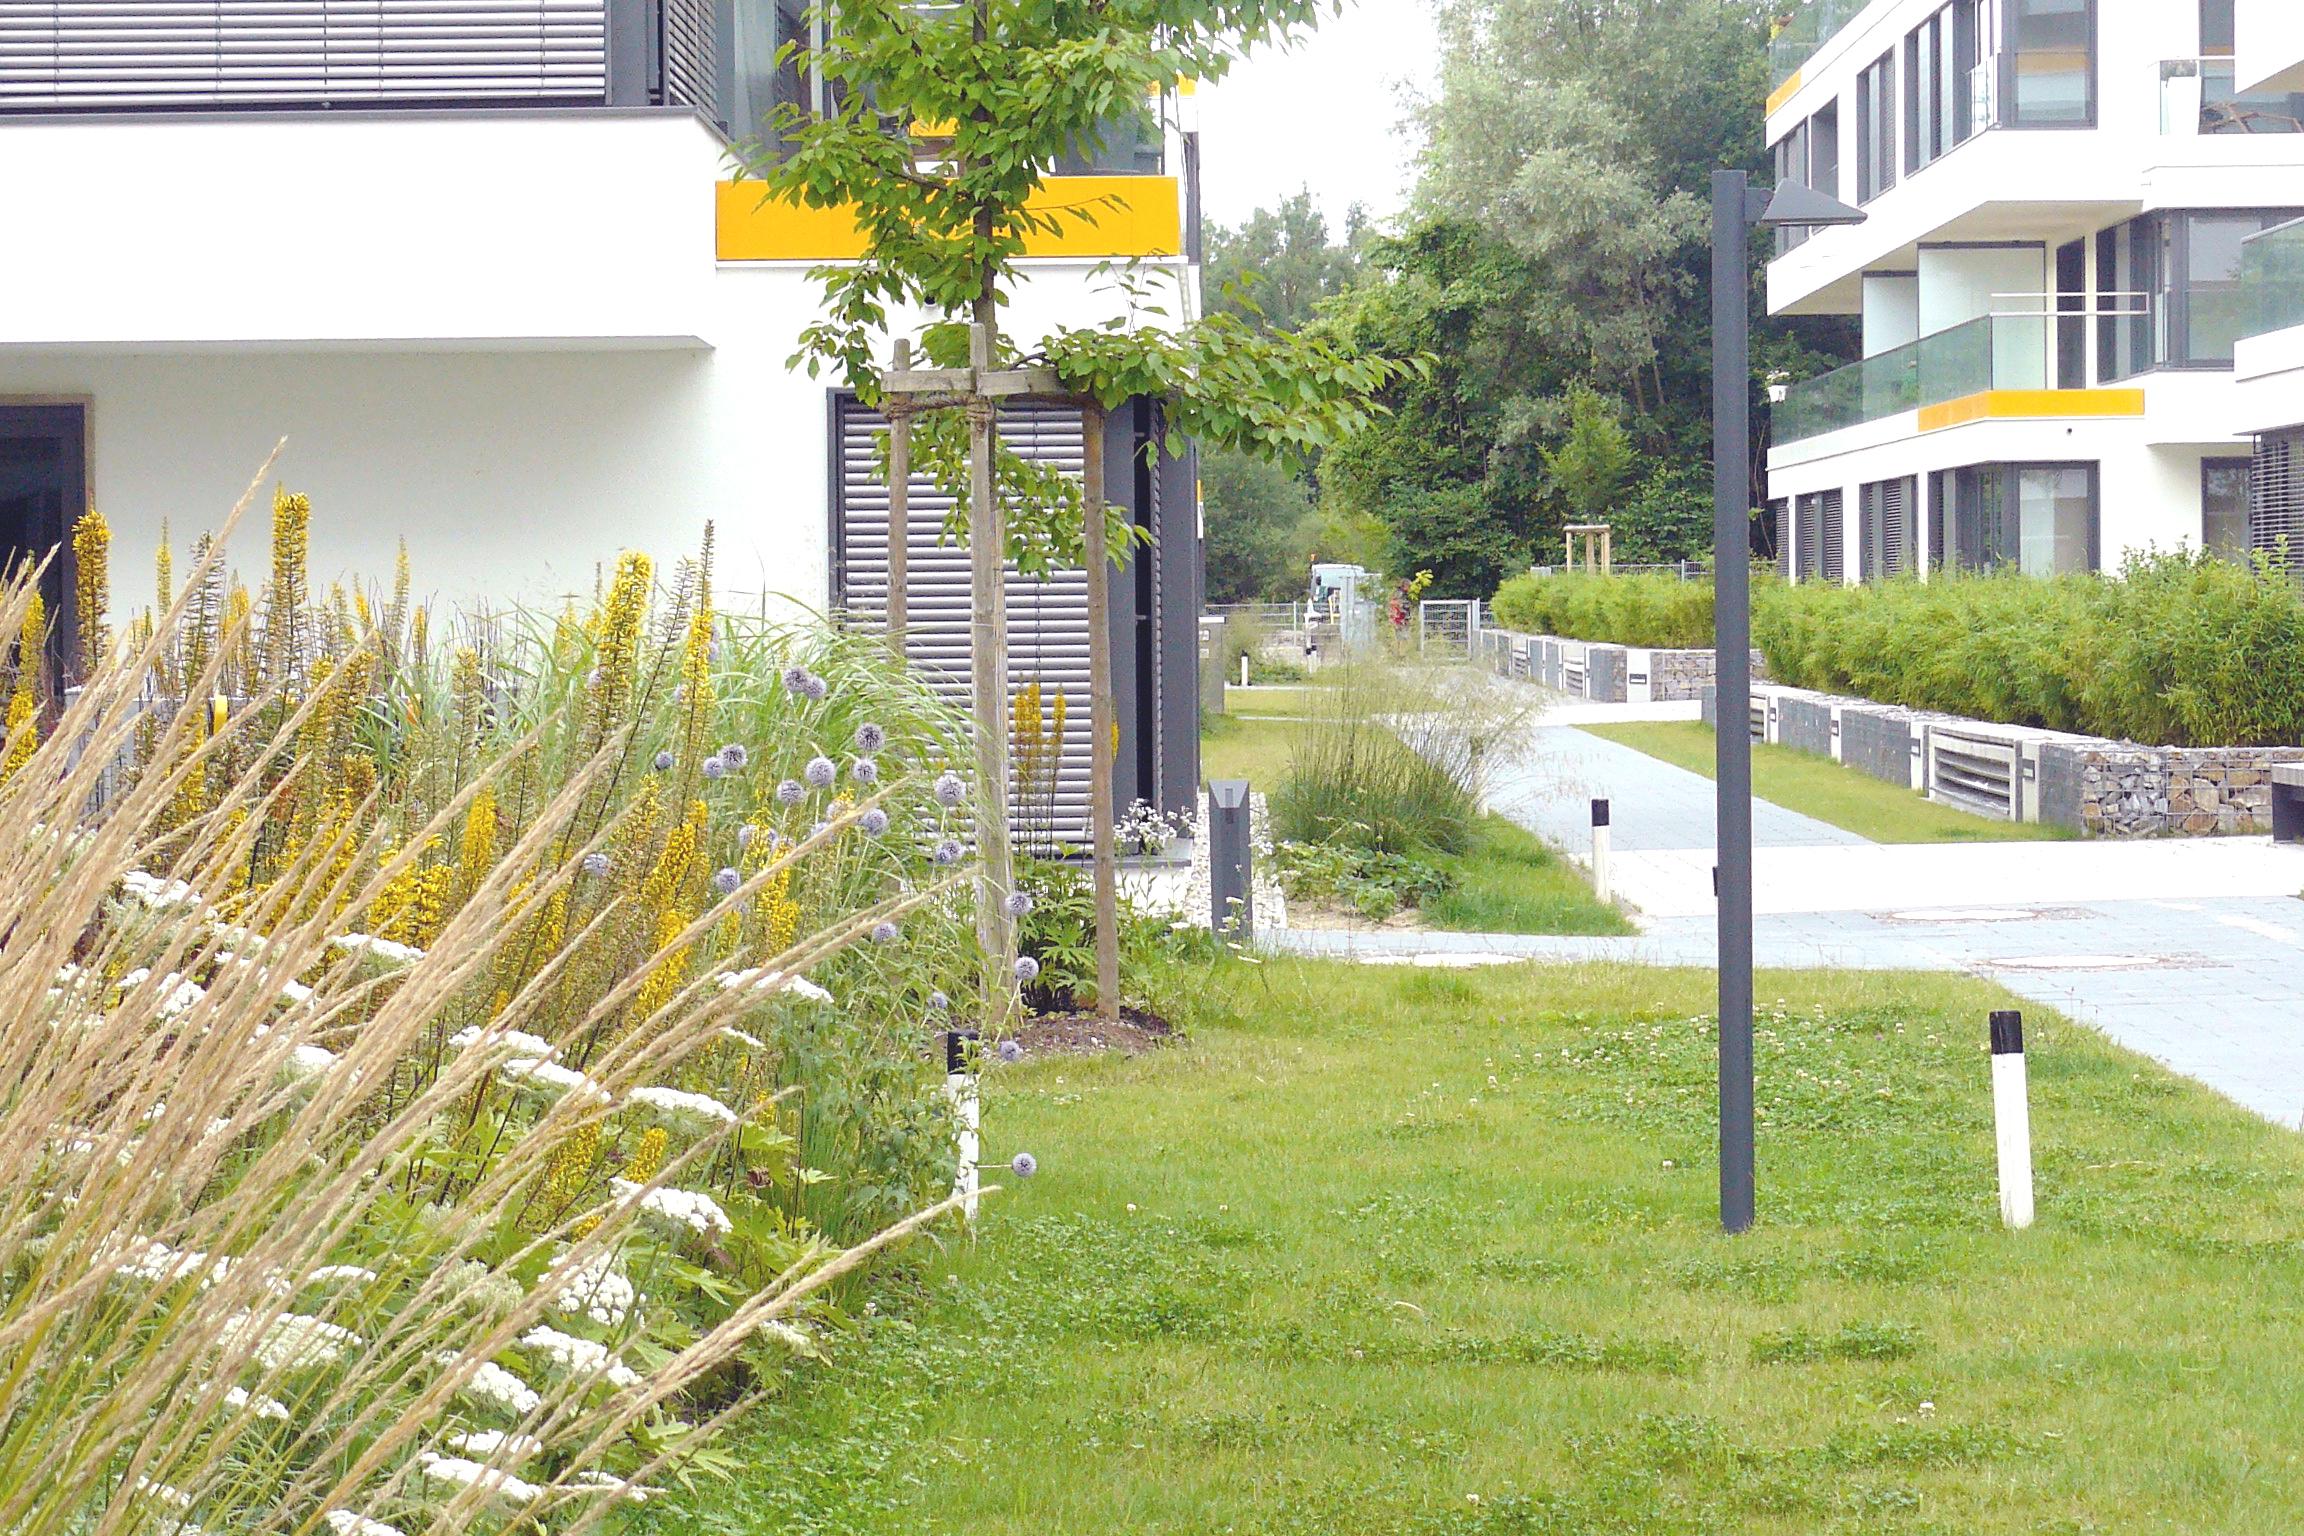 thk-isargärten_01 - Kopie.jpg